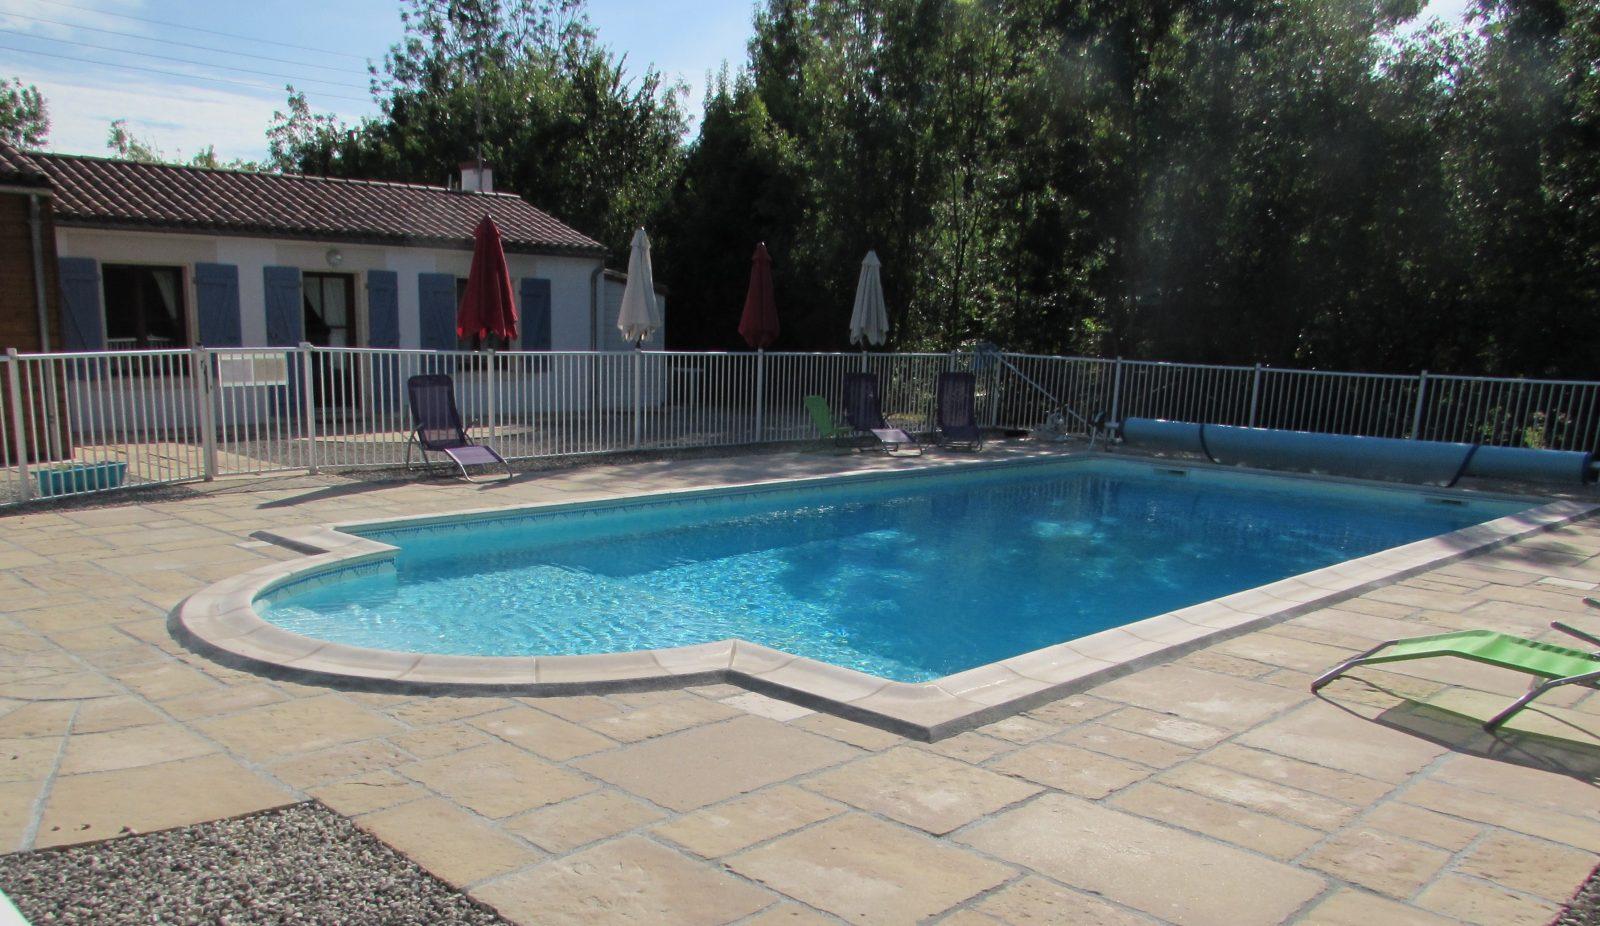 meuble-nenuphar-piscine-nalliers-85-hlo-1